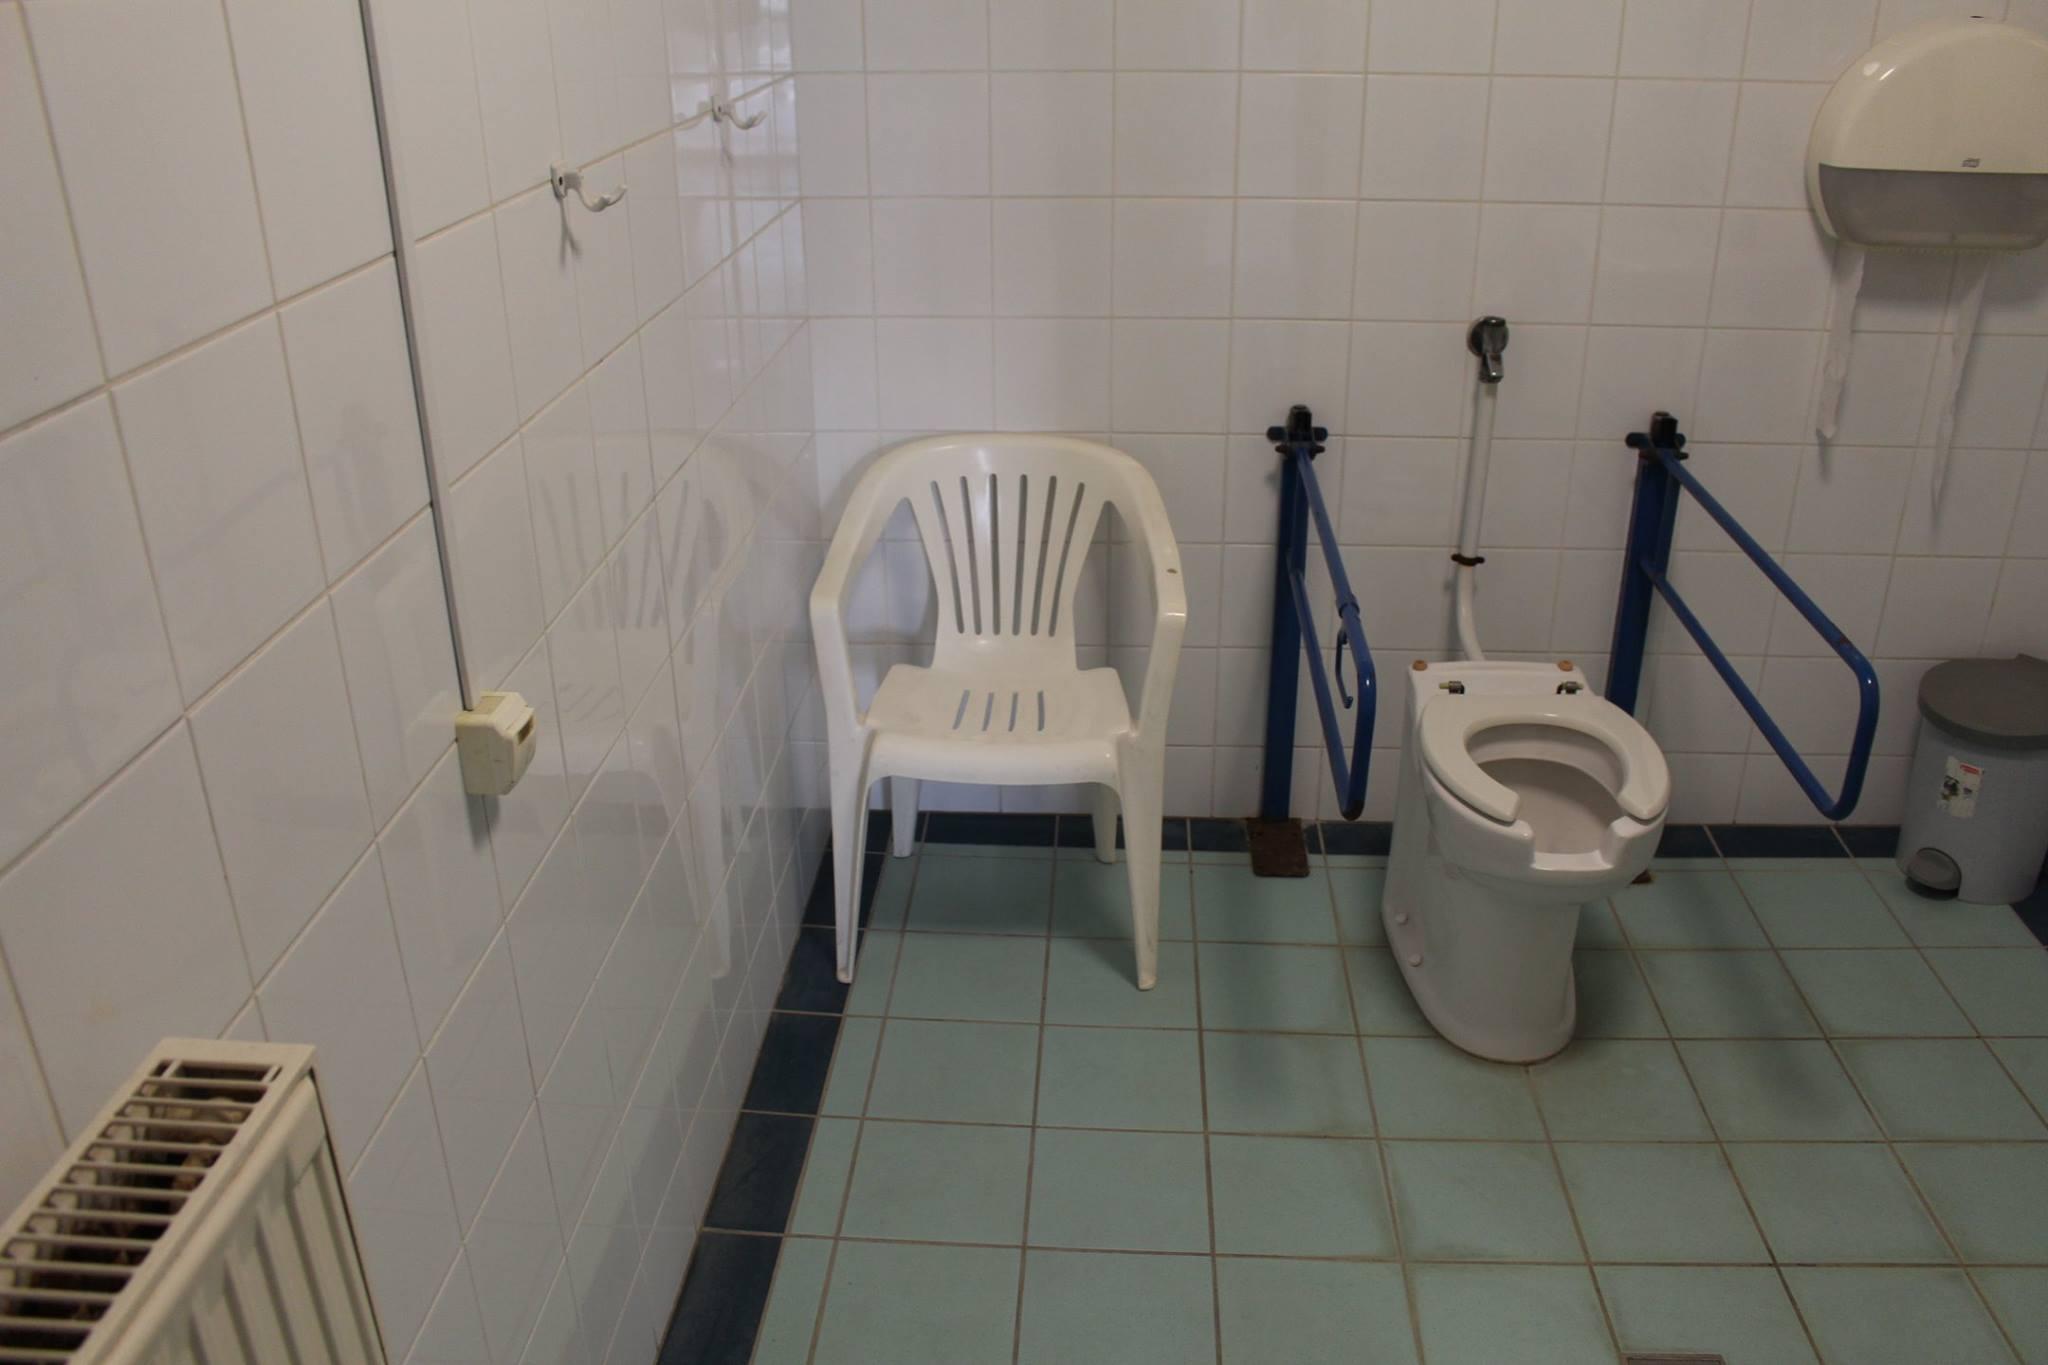 16 dagály fürdő akadálymentes wc route4u akadálymentes térkép